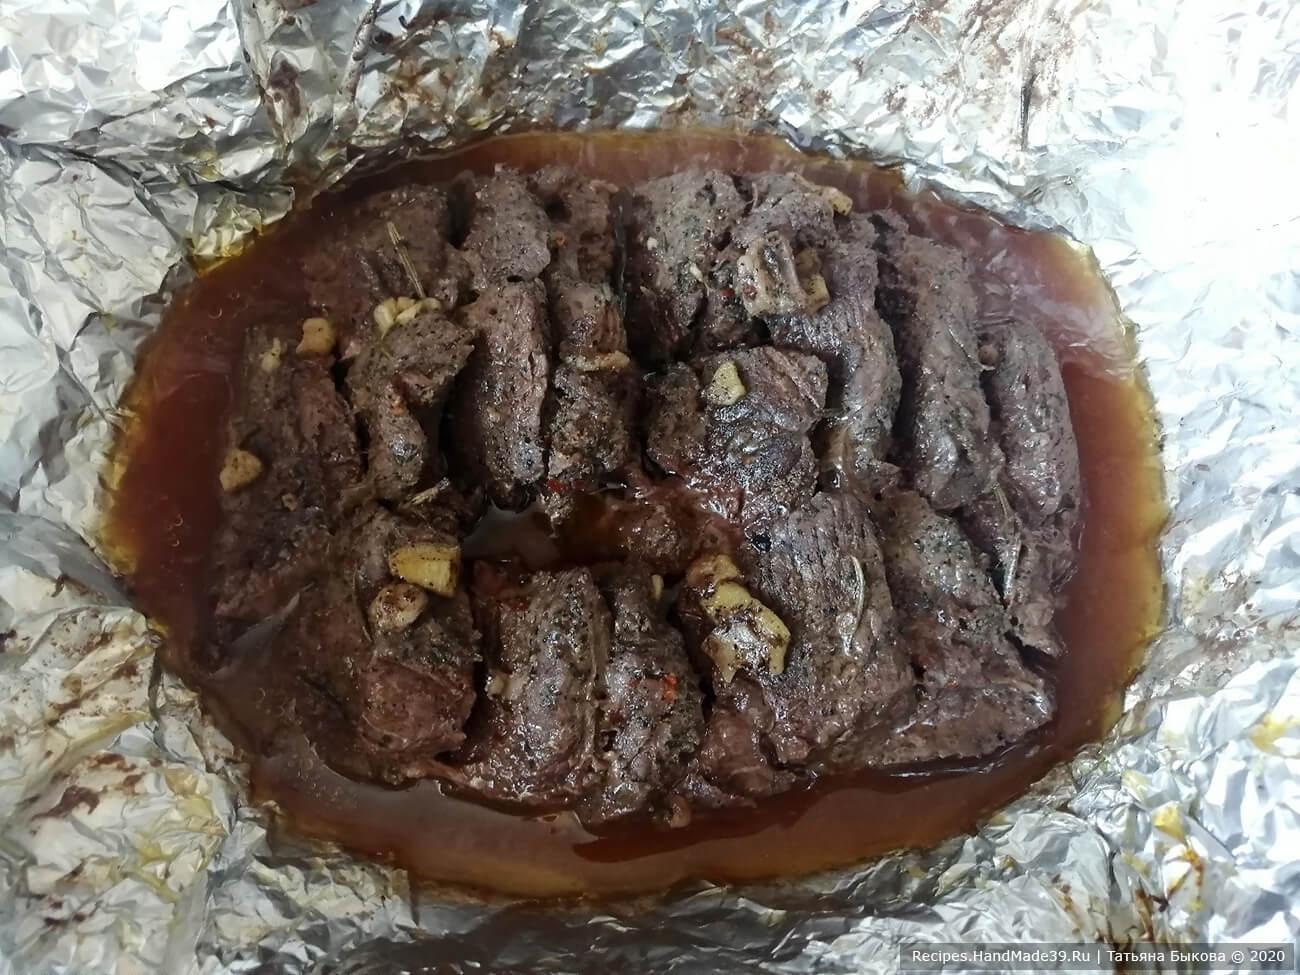 Затем раскрываем фольгу, поливаем мясо выделившимся соком и убираем ещё на 15-20 минут при температуре 200 °С